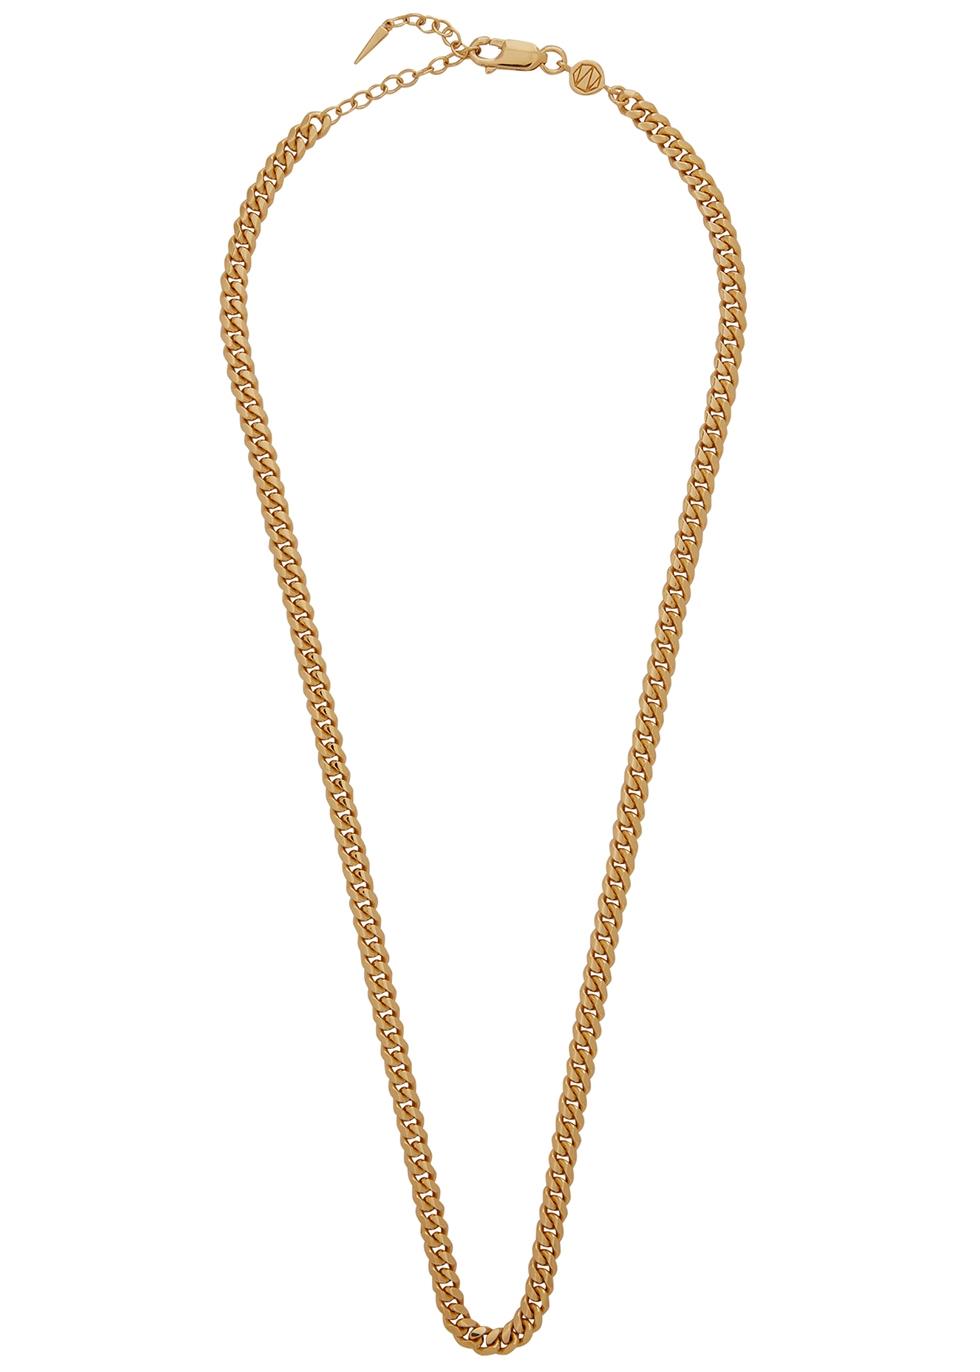 Garde 18kt gold vermeil chain necklace